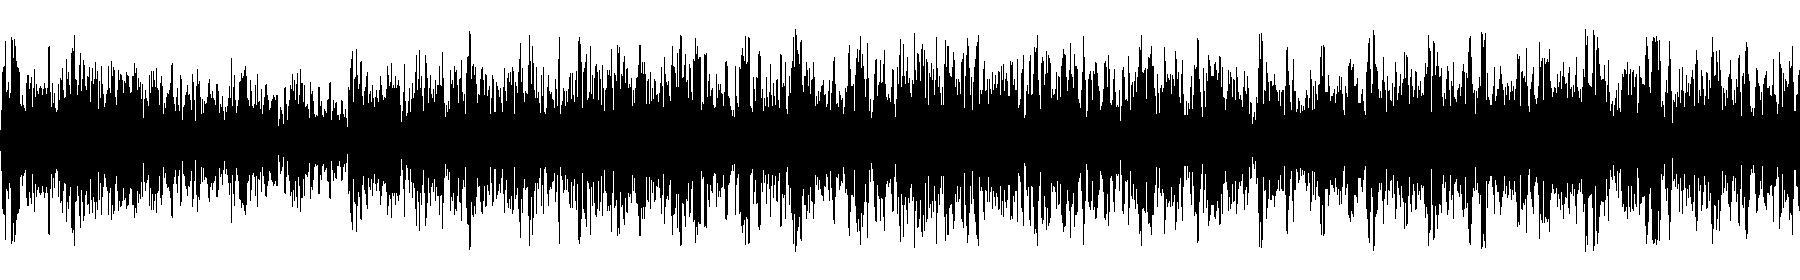 blbc cinedrums a fx 75 02